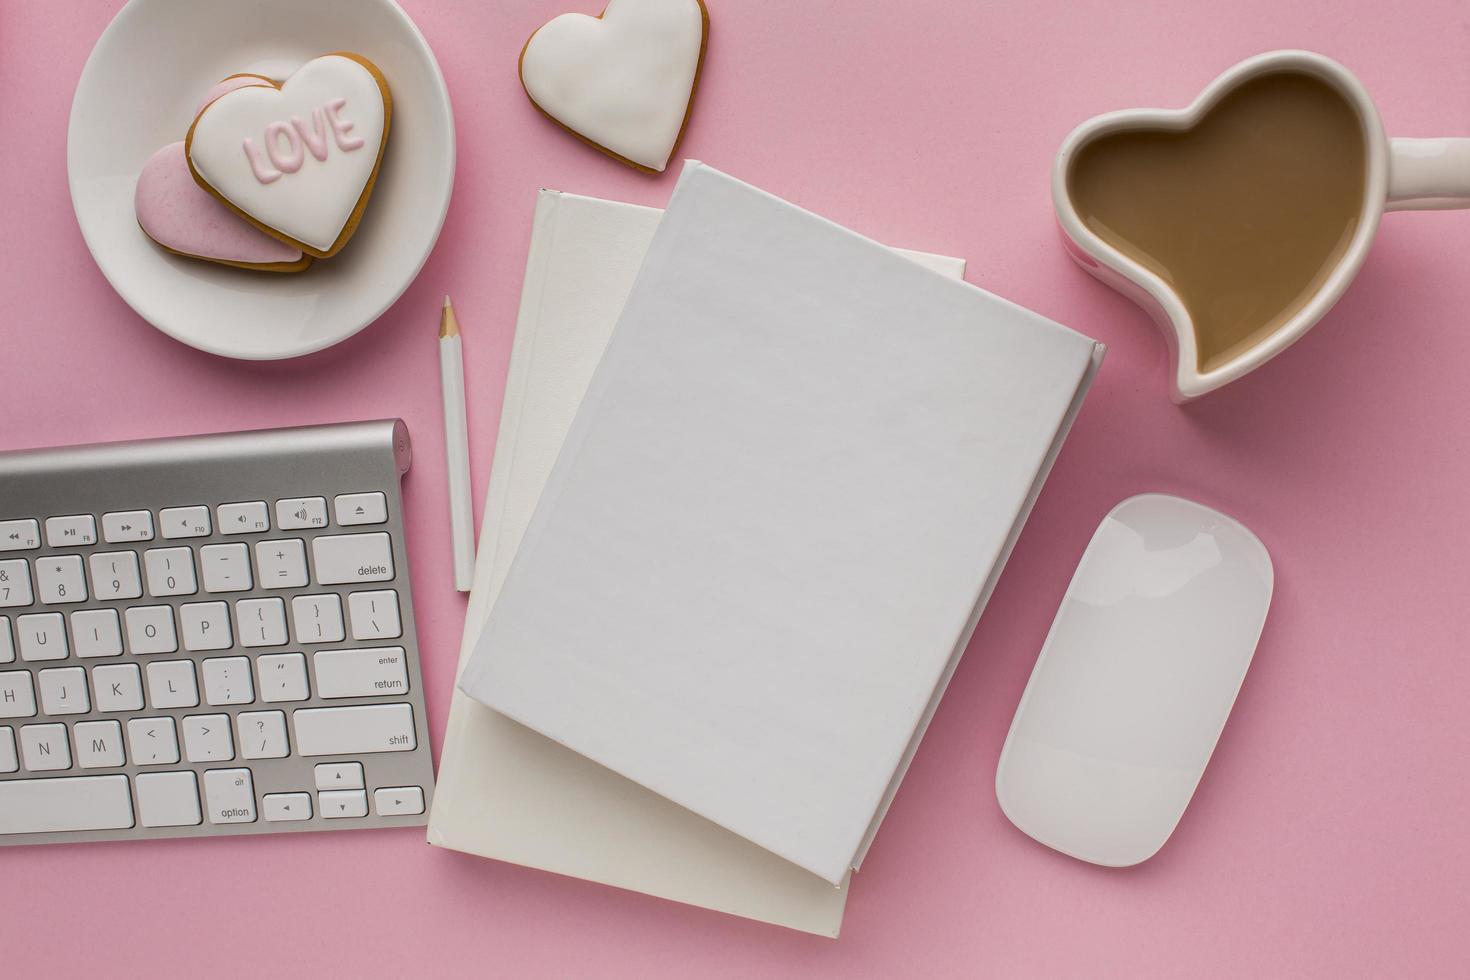 Notizblockmodell mit Artikeln zum Valentinstag foto